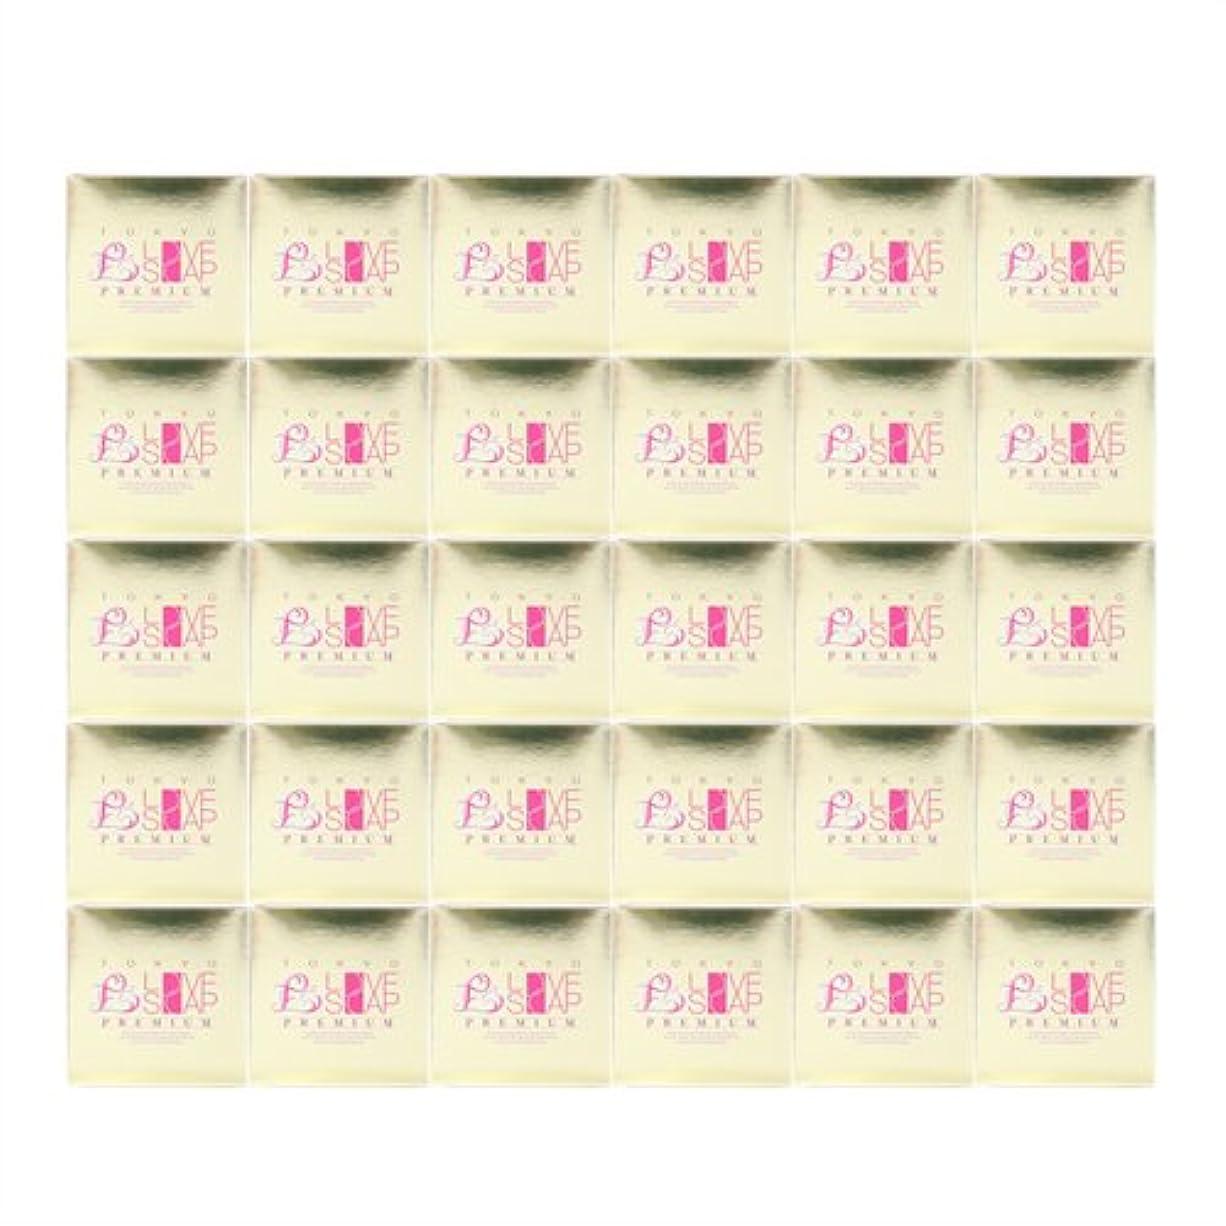 実際のゼリー驚くべき東京ラブソープ プレミアム (100g) x30個 セット